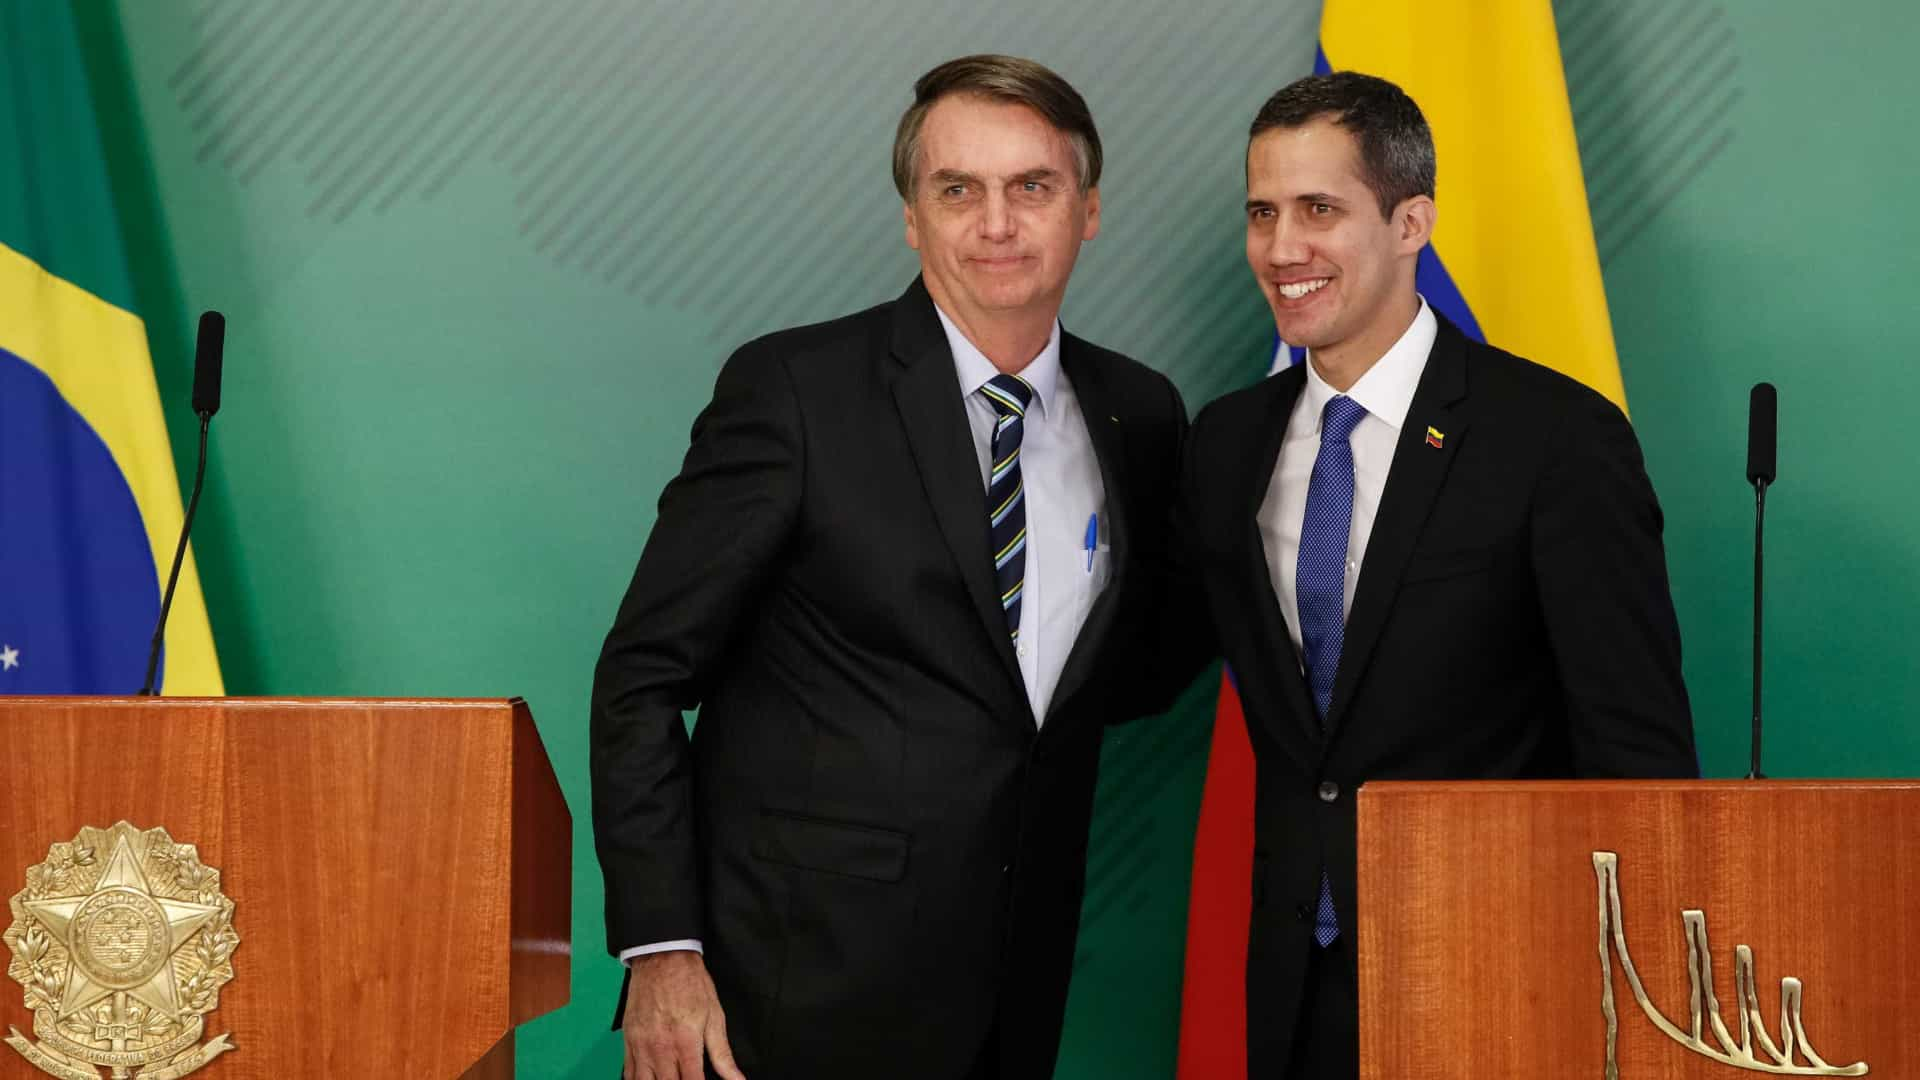 Bolsonaro desagrada militares ao receber Guaidó como chefe de Estado